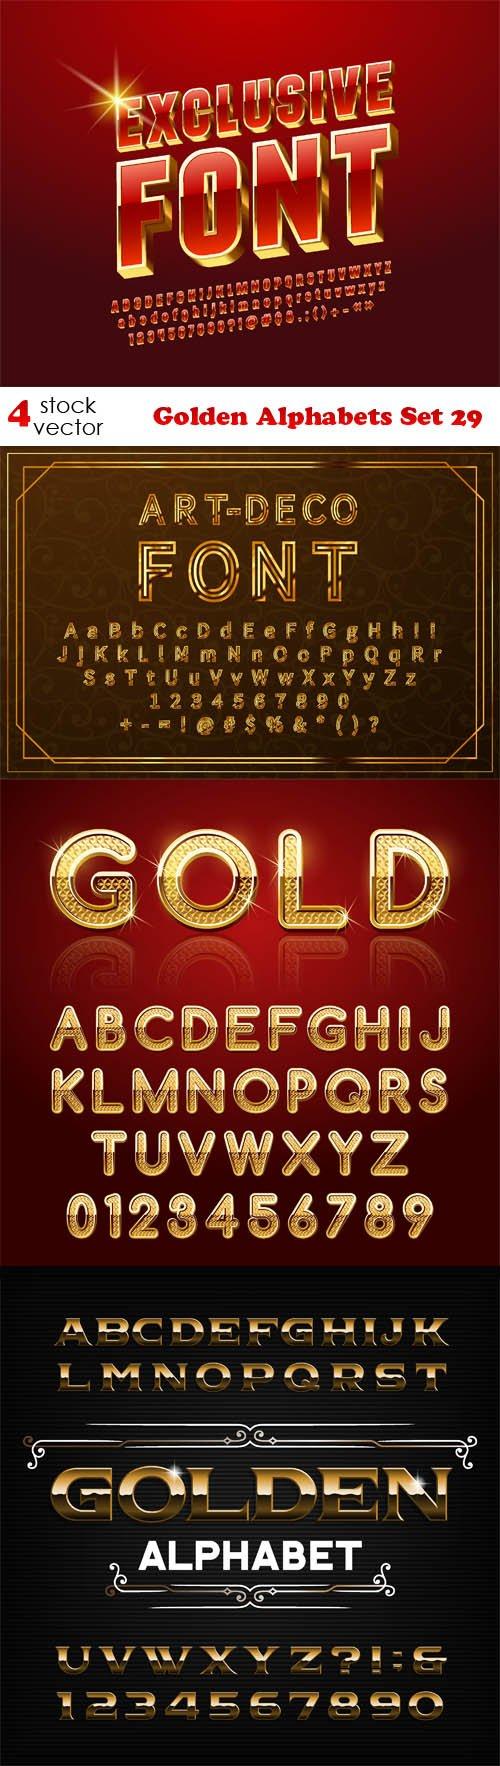 Vectors - Golden Alphabets Set 29